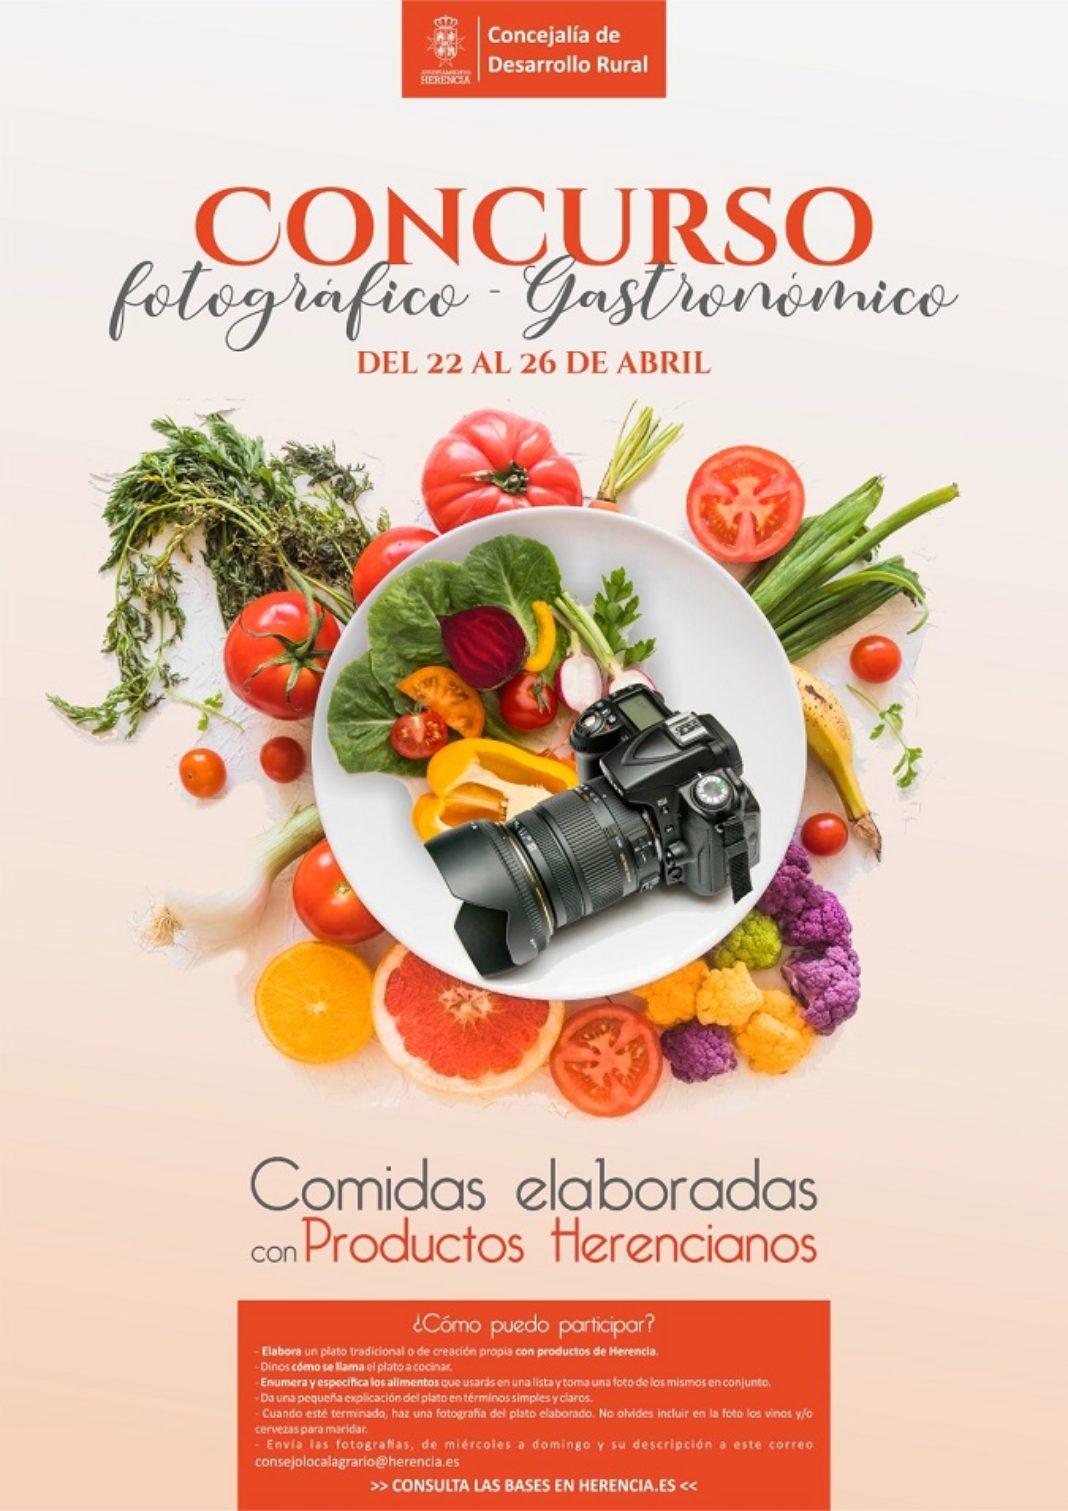 concurso fotográfico gastronómico 1068x1511 - Concurso fotográfico-gastronómico de comidas elaboradas con productos de Herencia